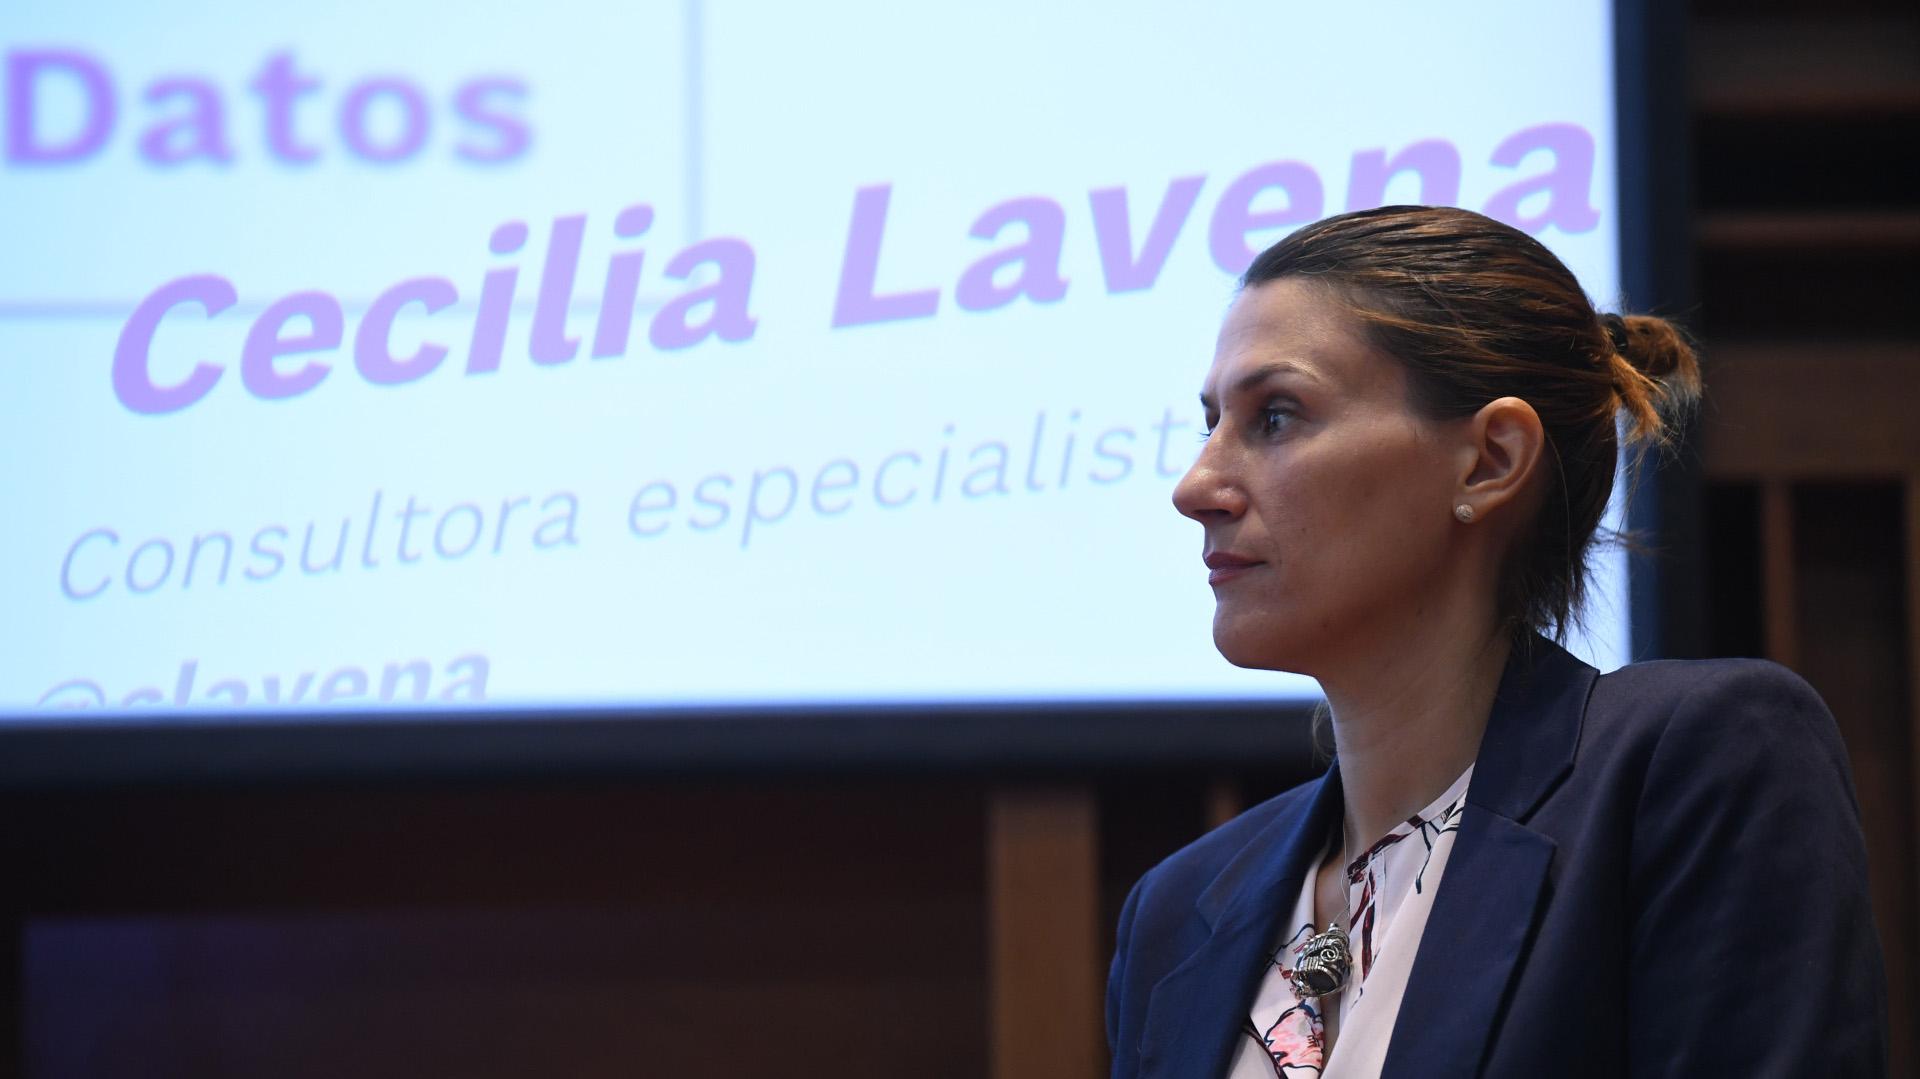 Cecilia Lavena, consultora especialista en género, compartió los datos y testimonios recolectados para hacer el informe realizado por Chicas en Tecnología y el Intal BID